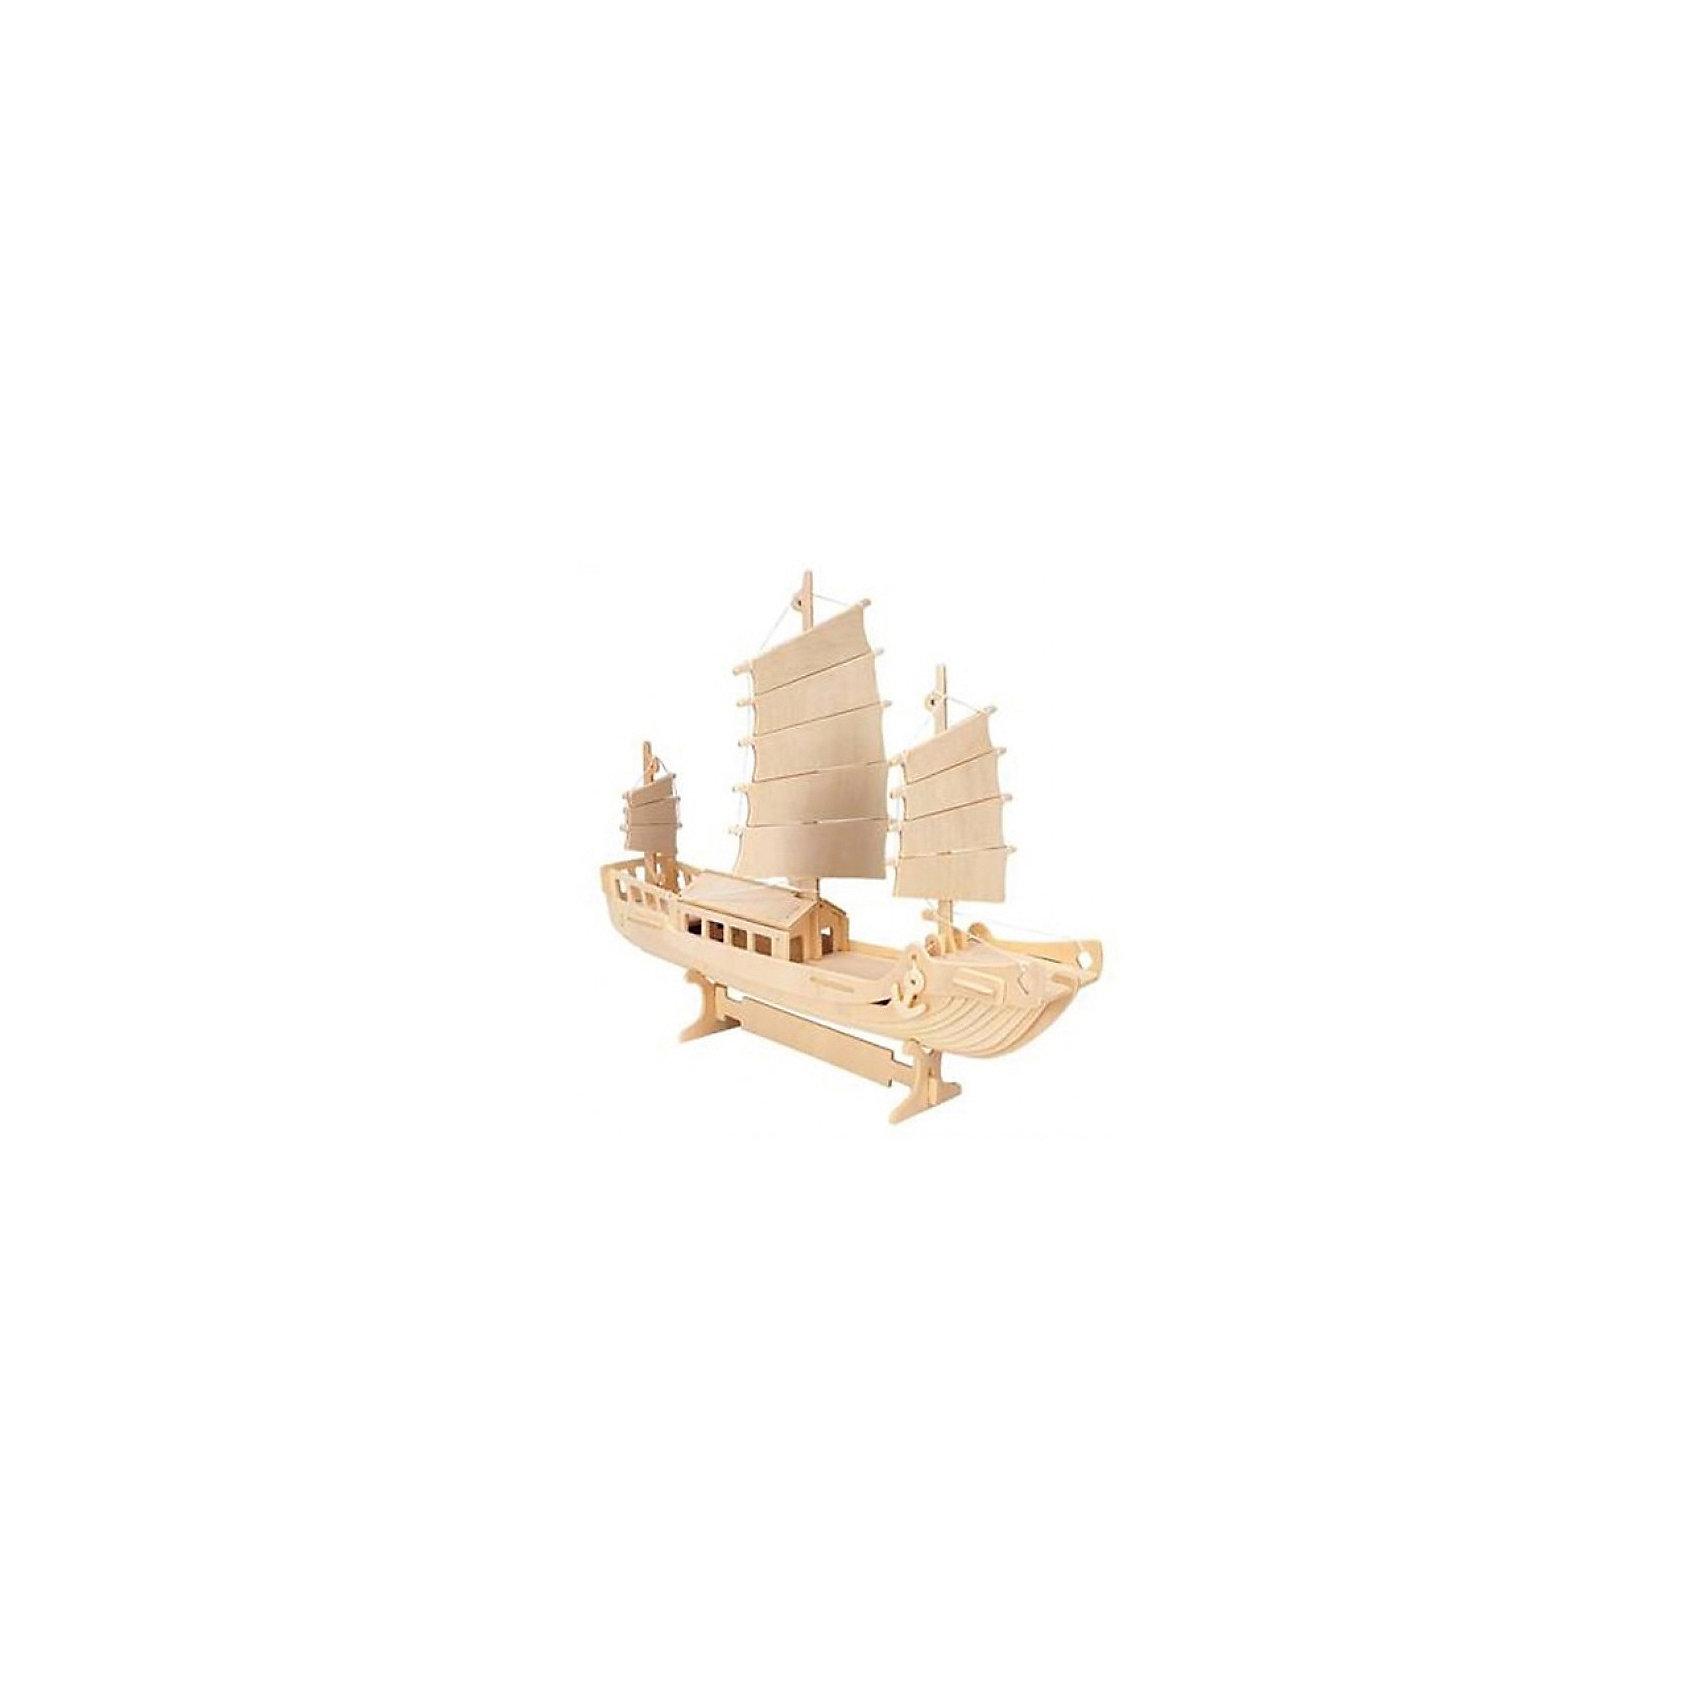 МДИ Корабль-охранник, Мир деревянных игрушек игрушка мир деревянных игрушек лабиринт слон д345